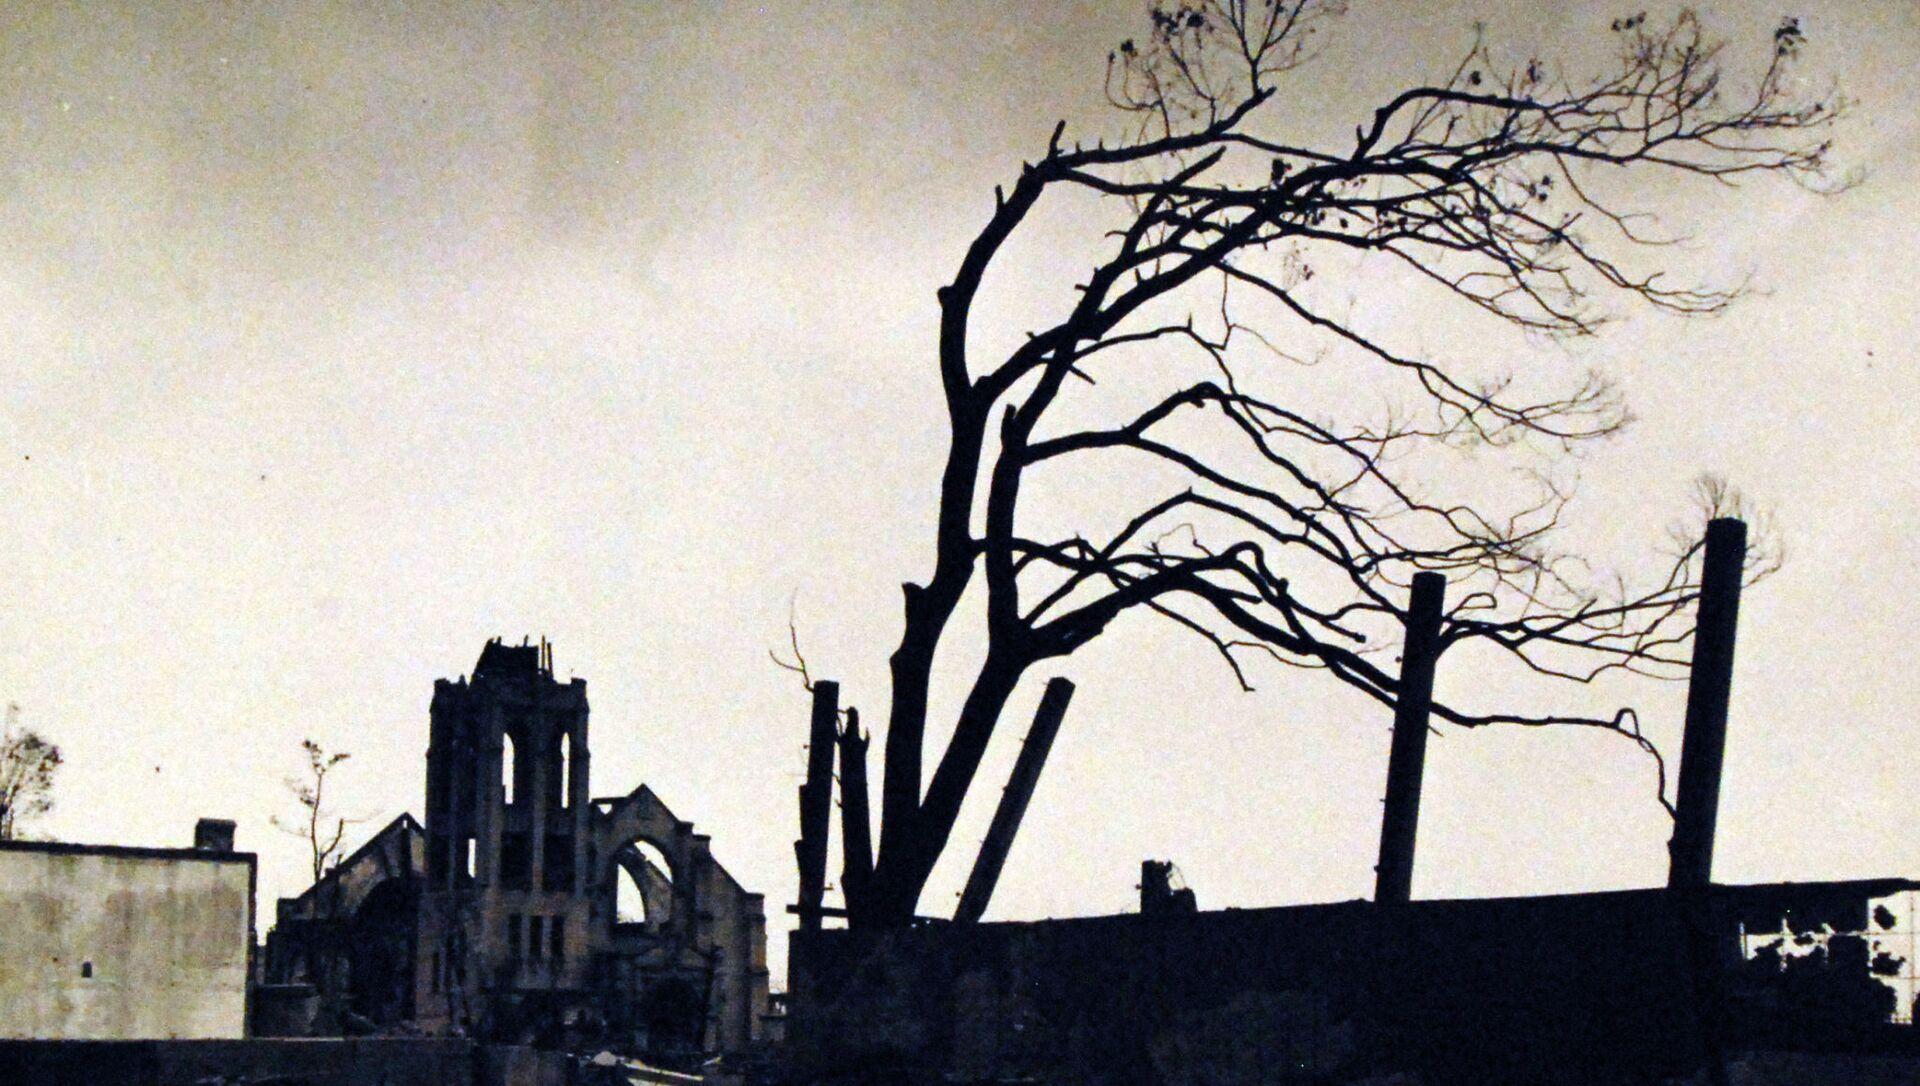 広島での原爆投 - Sputnik 日本, 1920, 27.07.2021